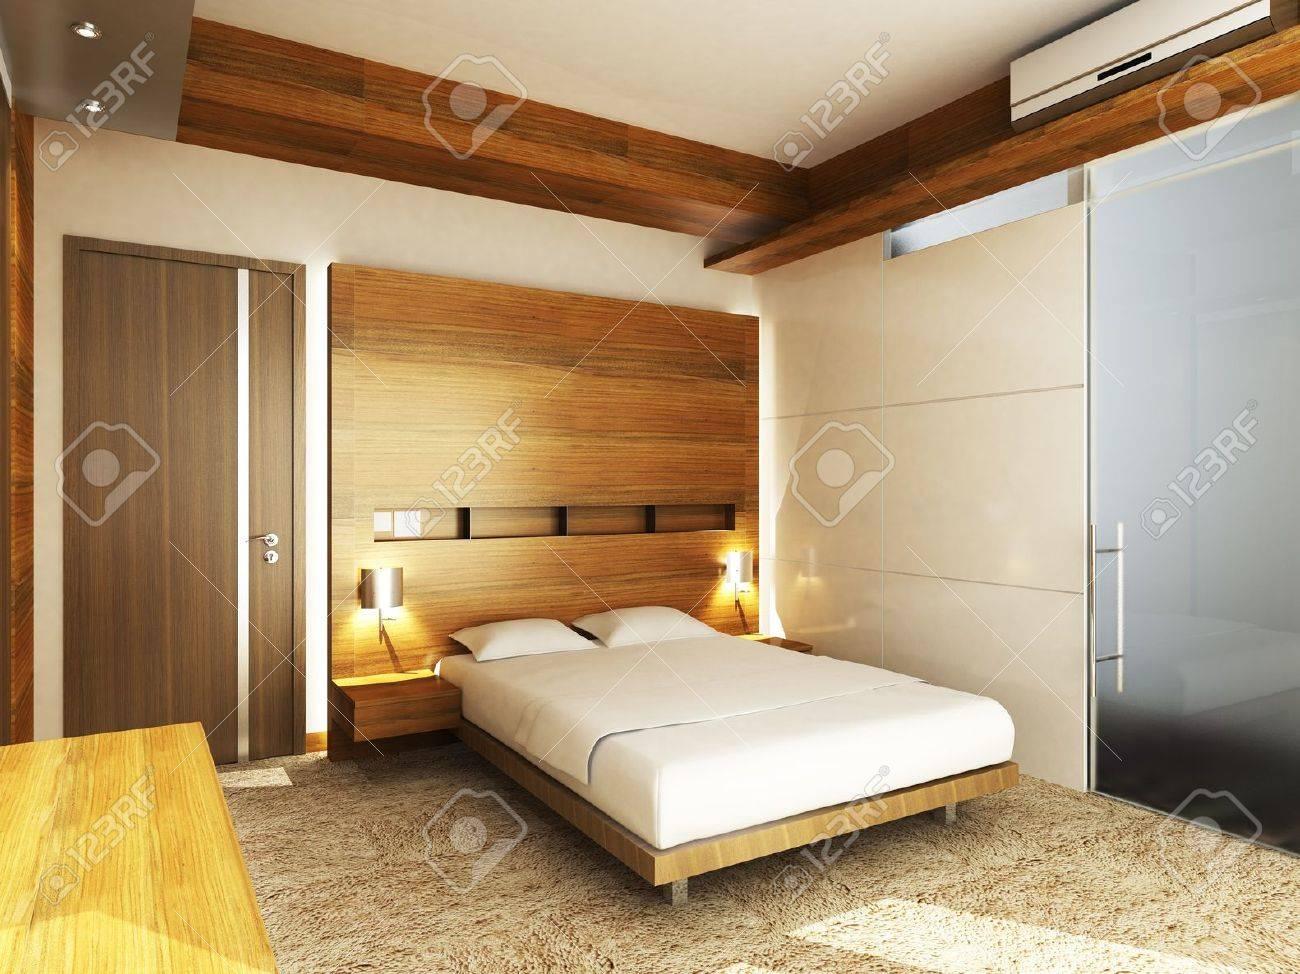 Chambre à coucher moderne dans un style minimaliste